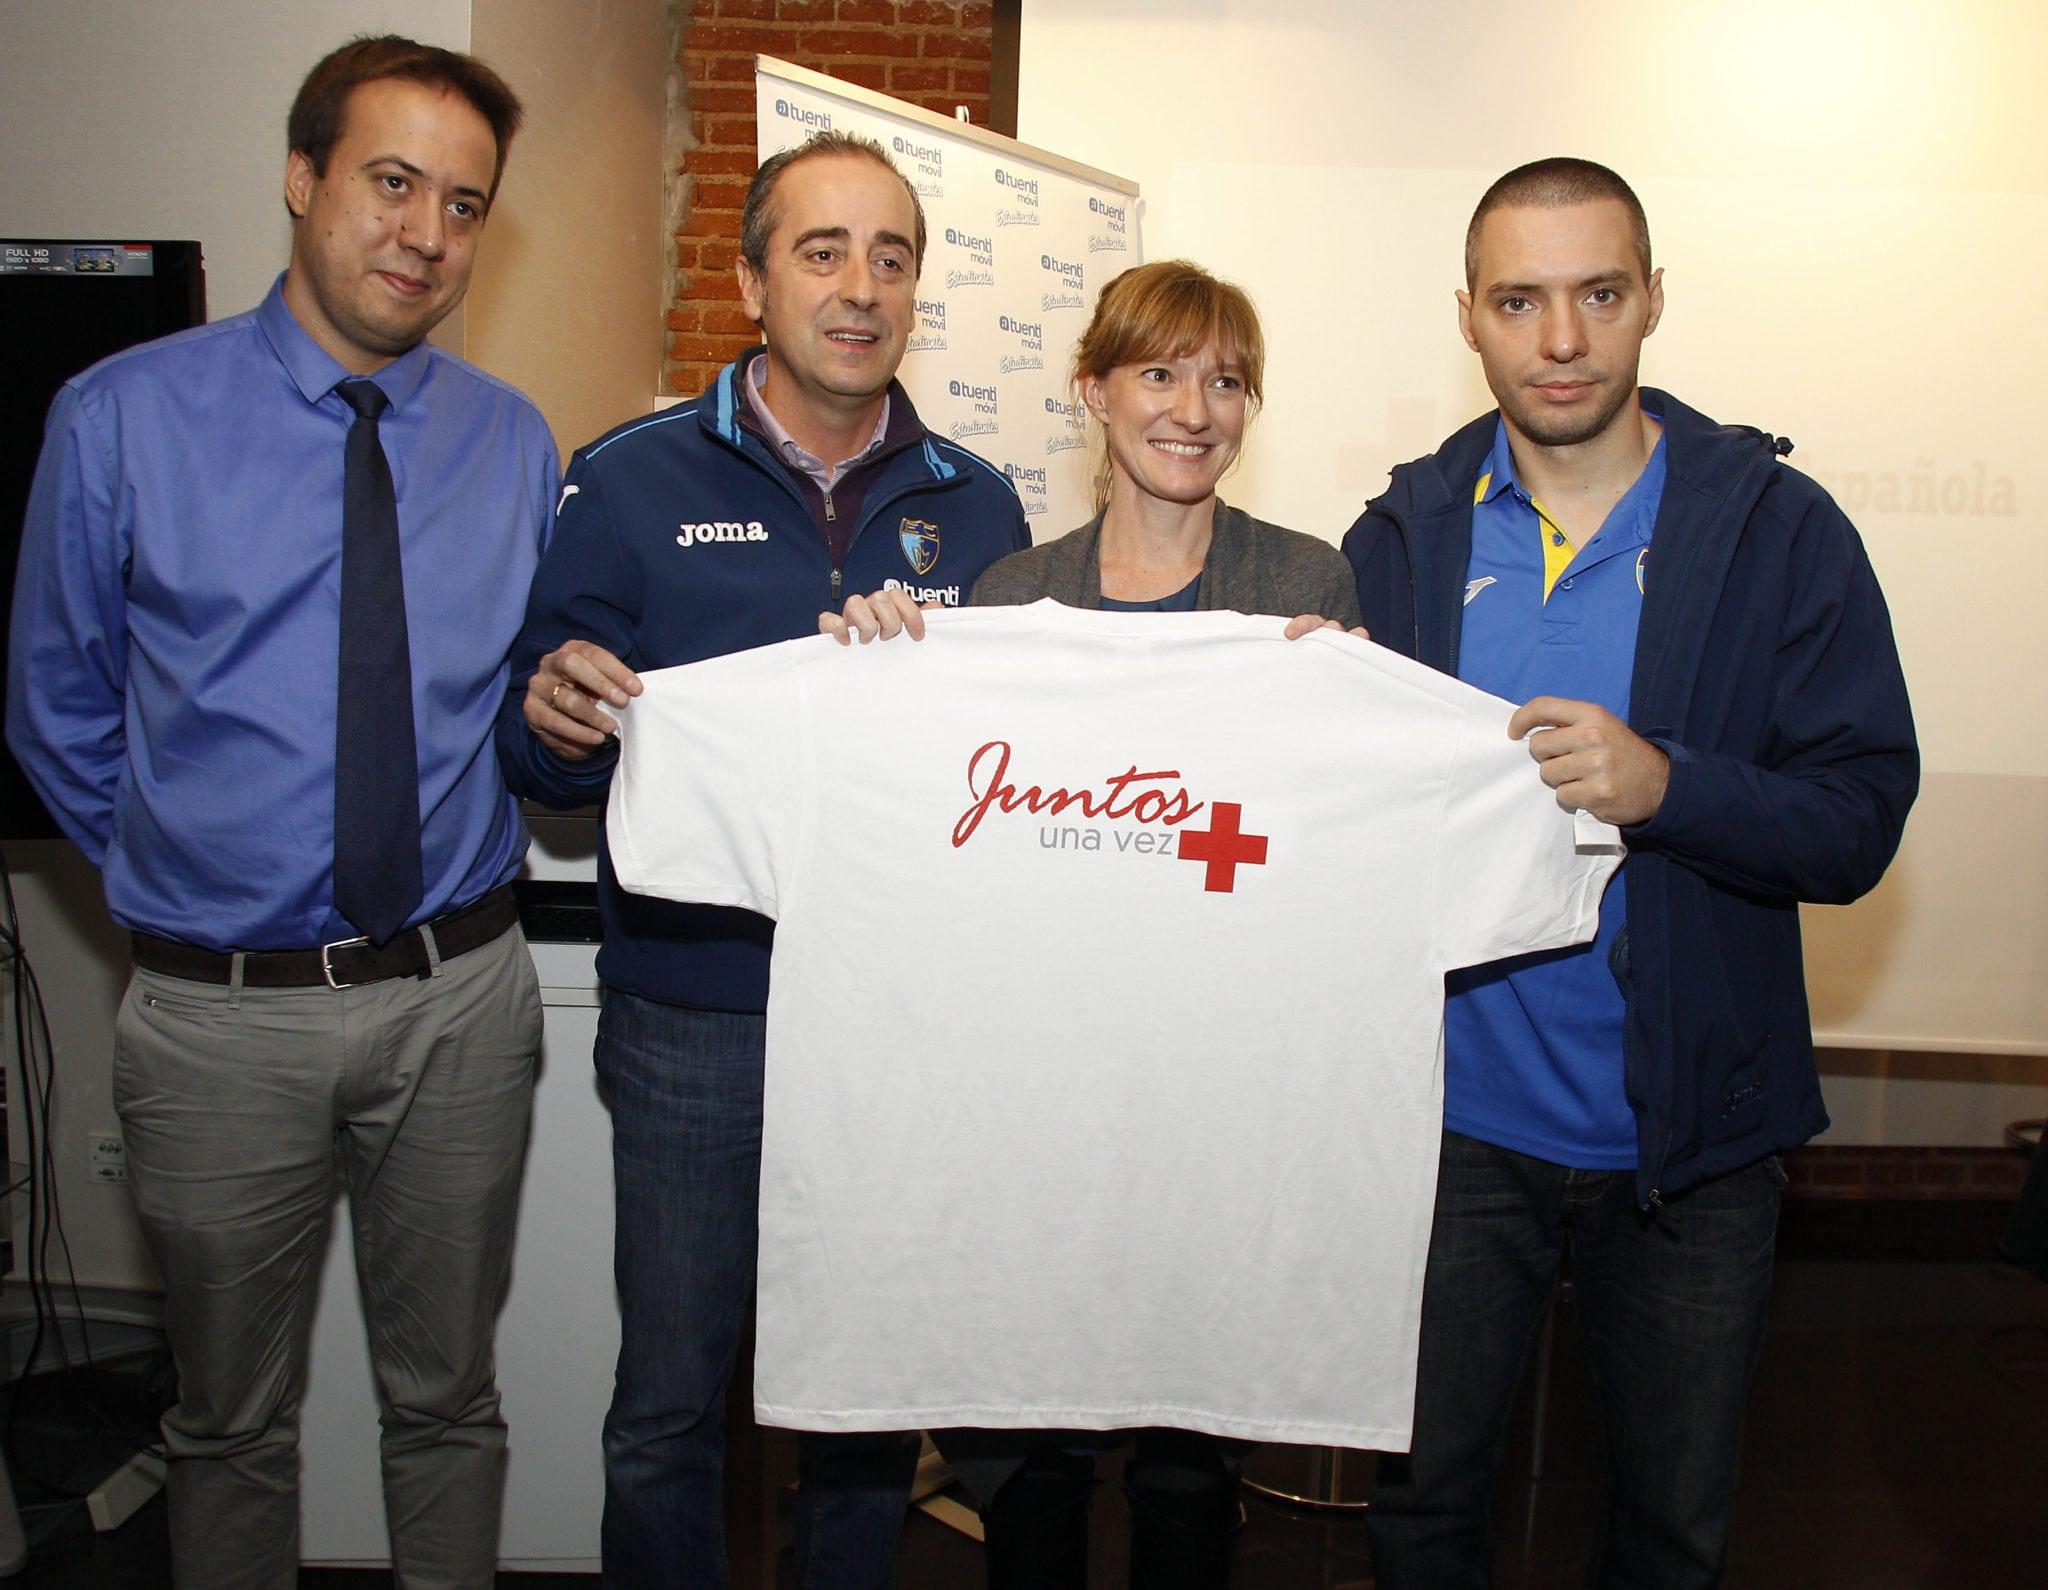 Cruz Roja Madrid y Fundación Estudiantes celebran cinco años de colaboración: homenaje a 500 voluntarios en el partido del domingo